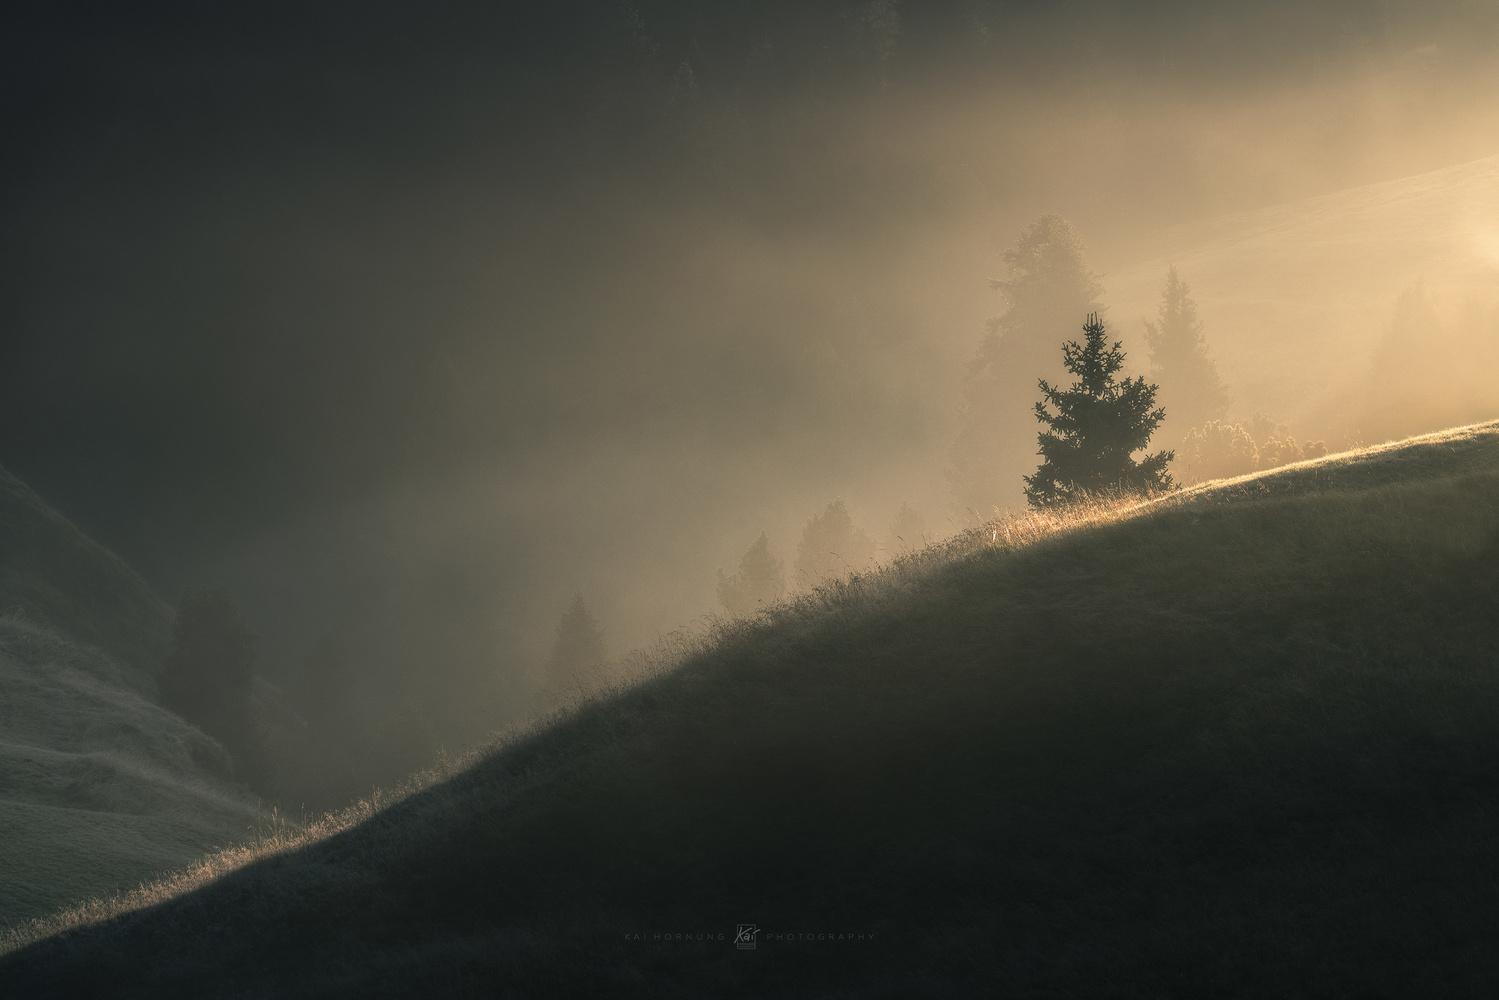 a thousand dreams by Kai Hornung